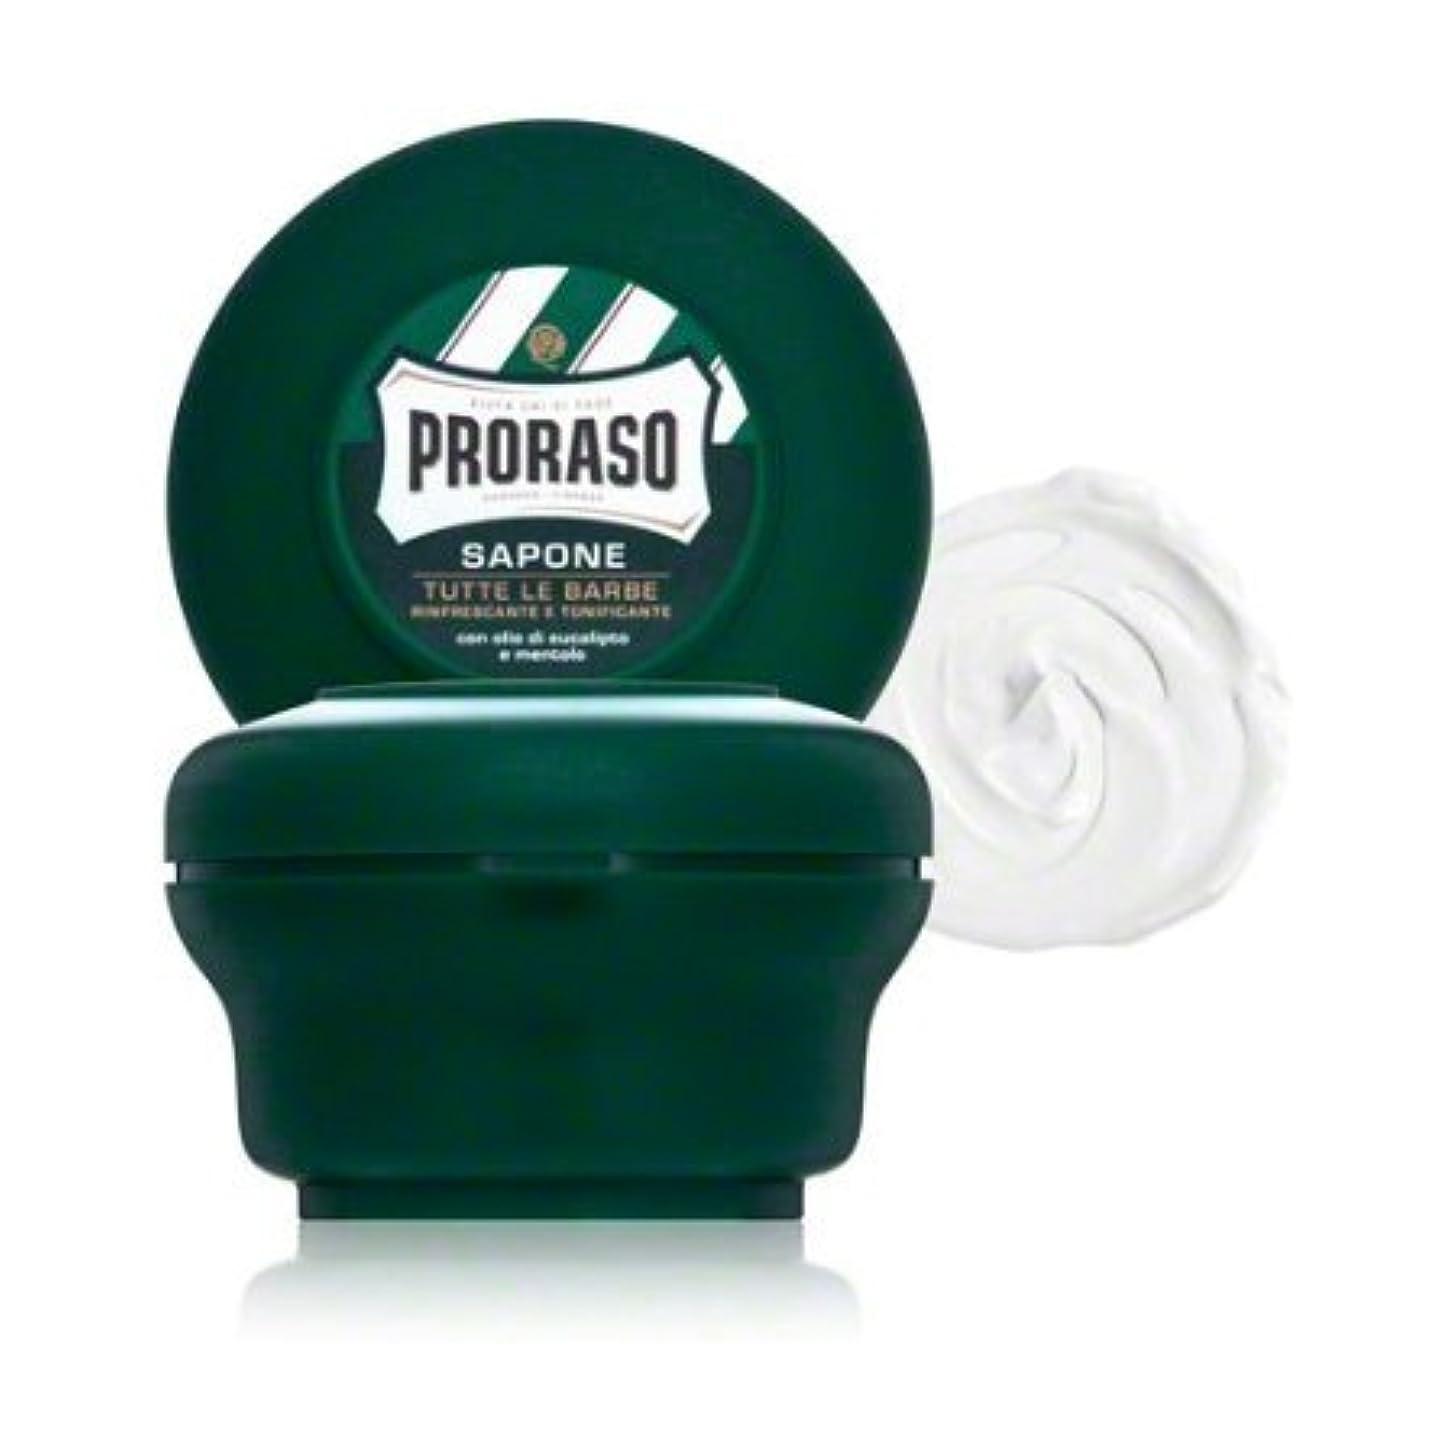 階層作物圧縮されたProraso シェービングソープ ユーカリ&メントール 150ml 並行輸入品